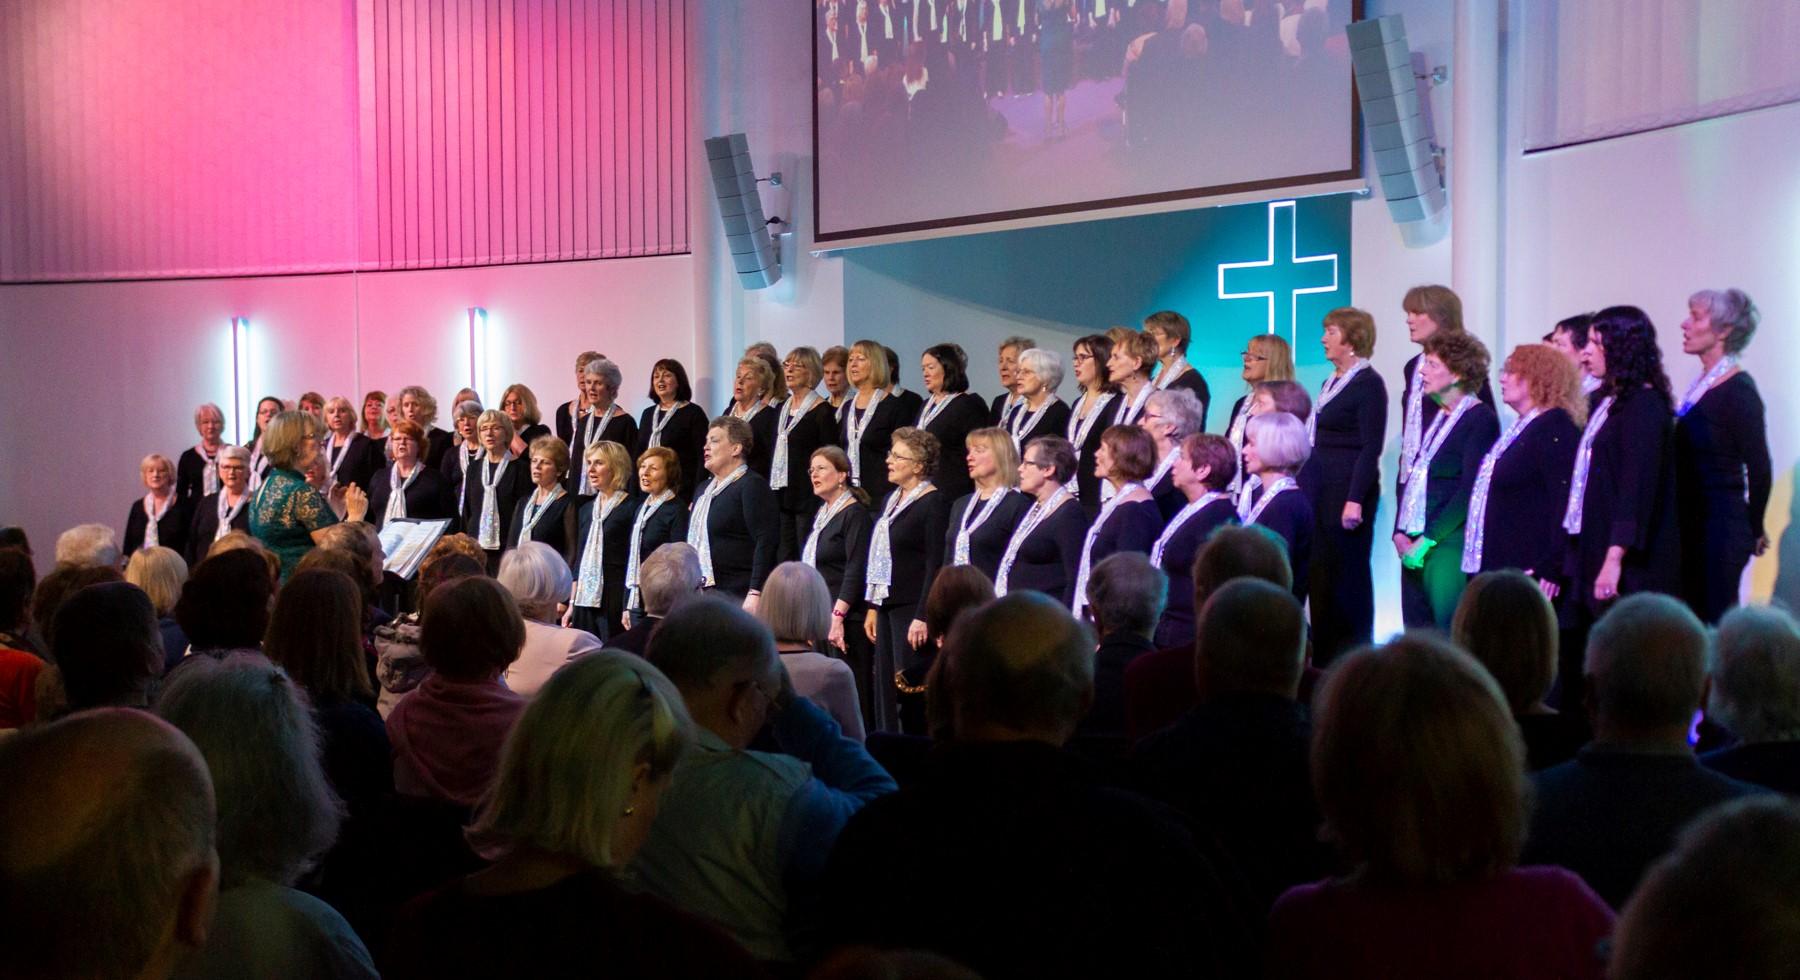 Elmbridge Ladies Choir